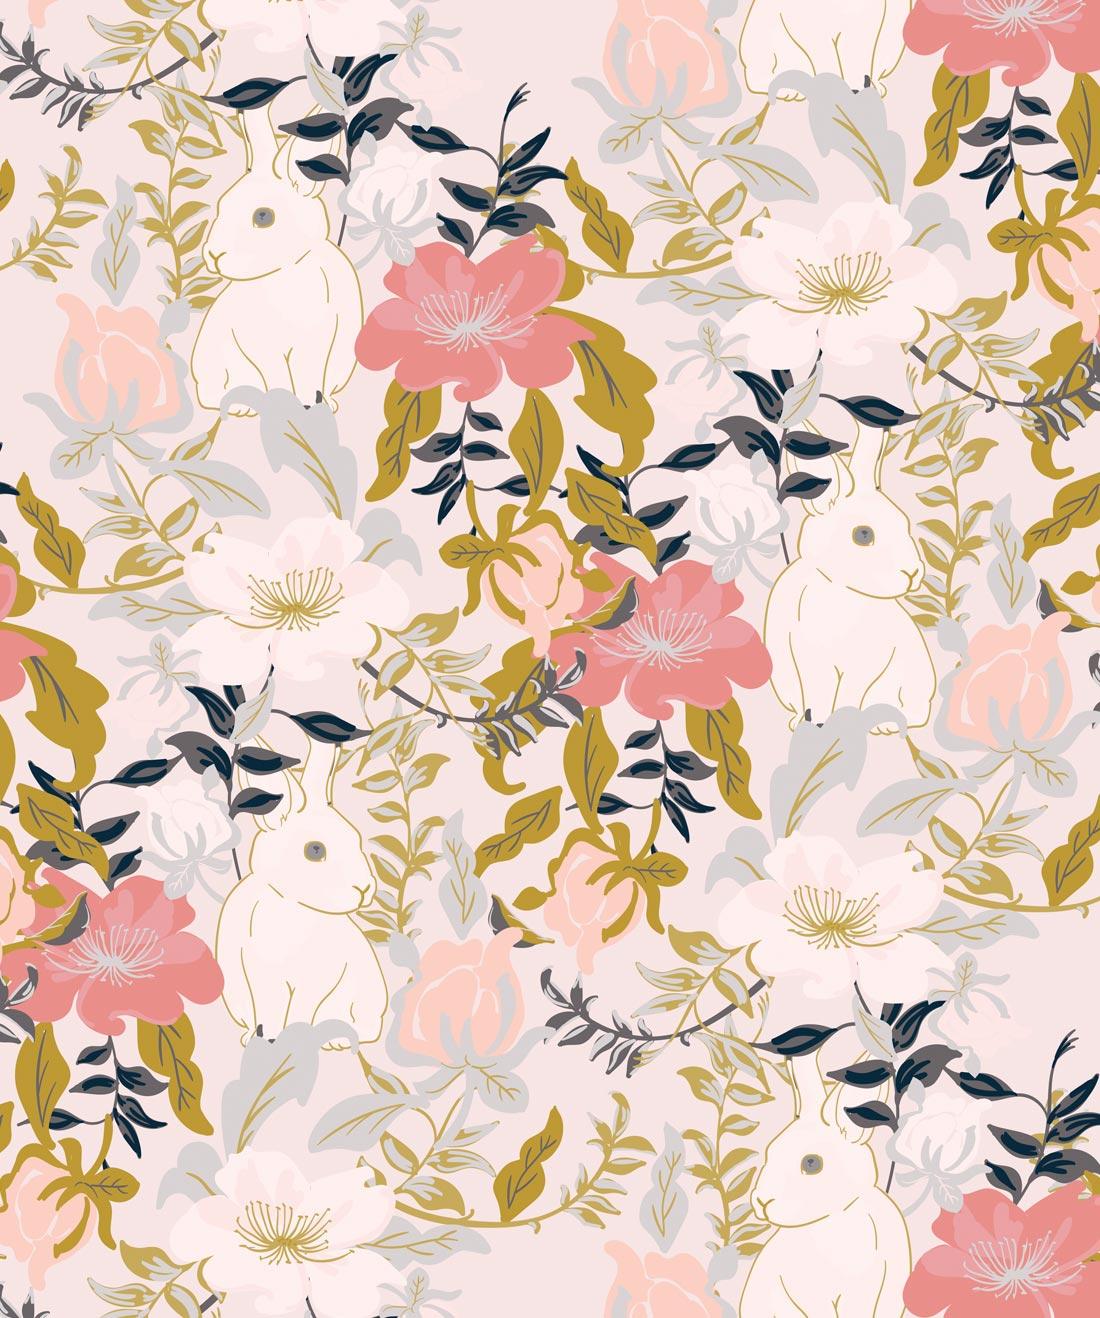 Garden Bunny Wallpaper